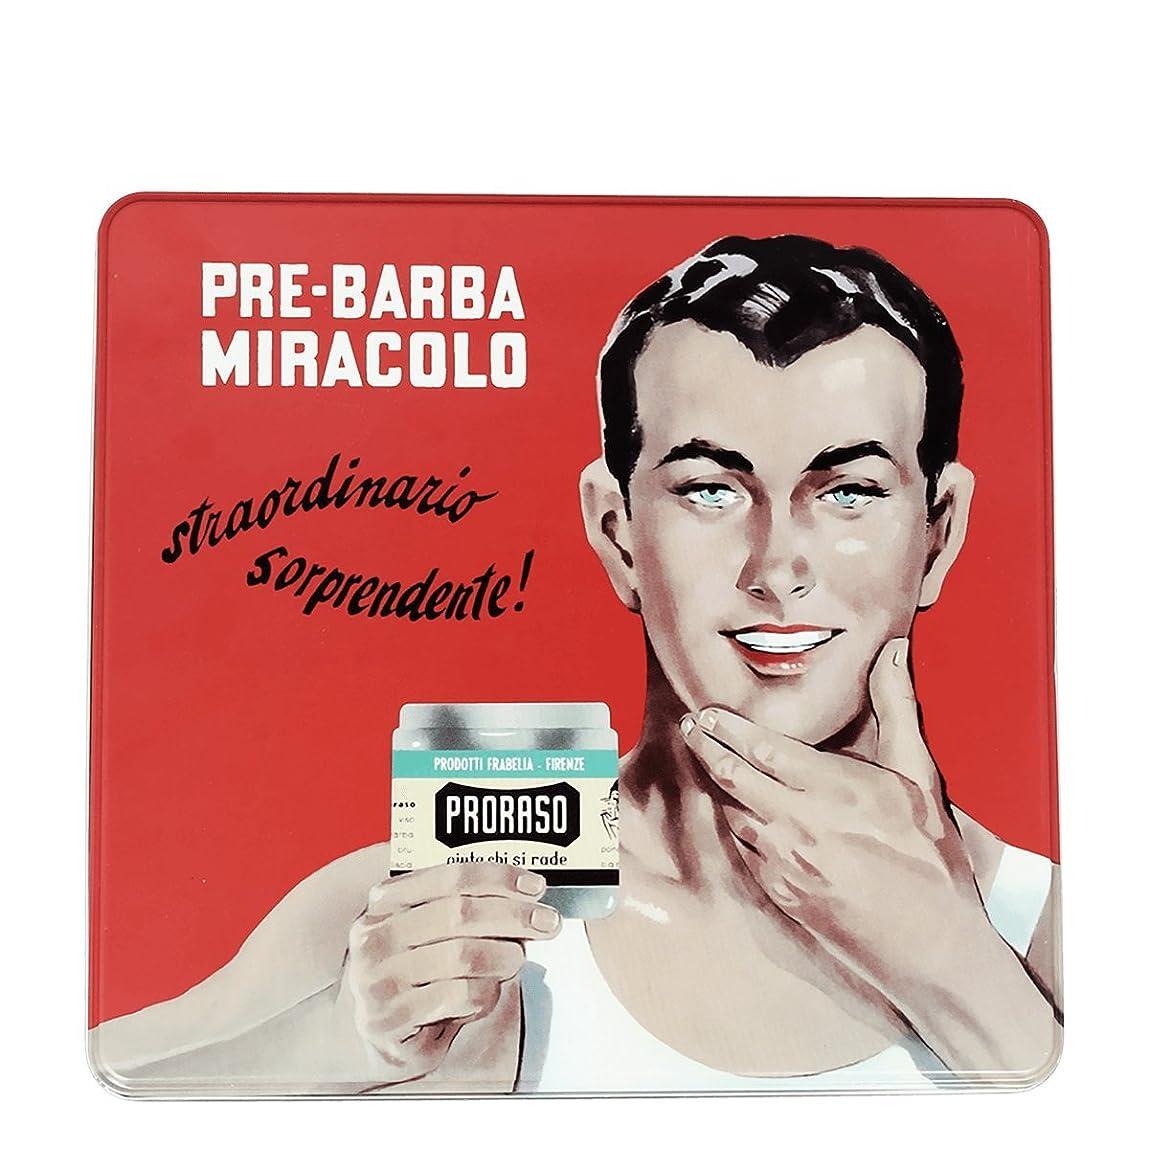 ネクタイ回る密接にProraso ジーノ ヴィンテージ リフレッシュ セレクション 缶[海外直送品] [並行輸入品]